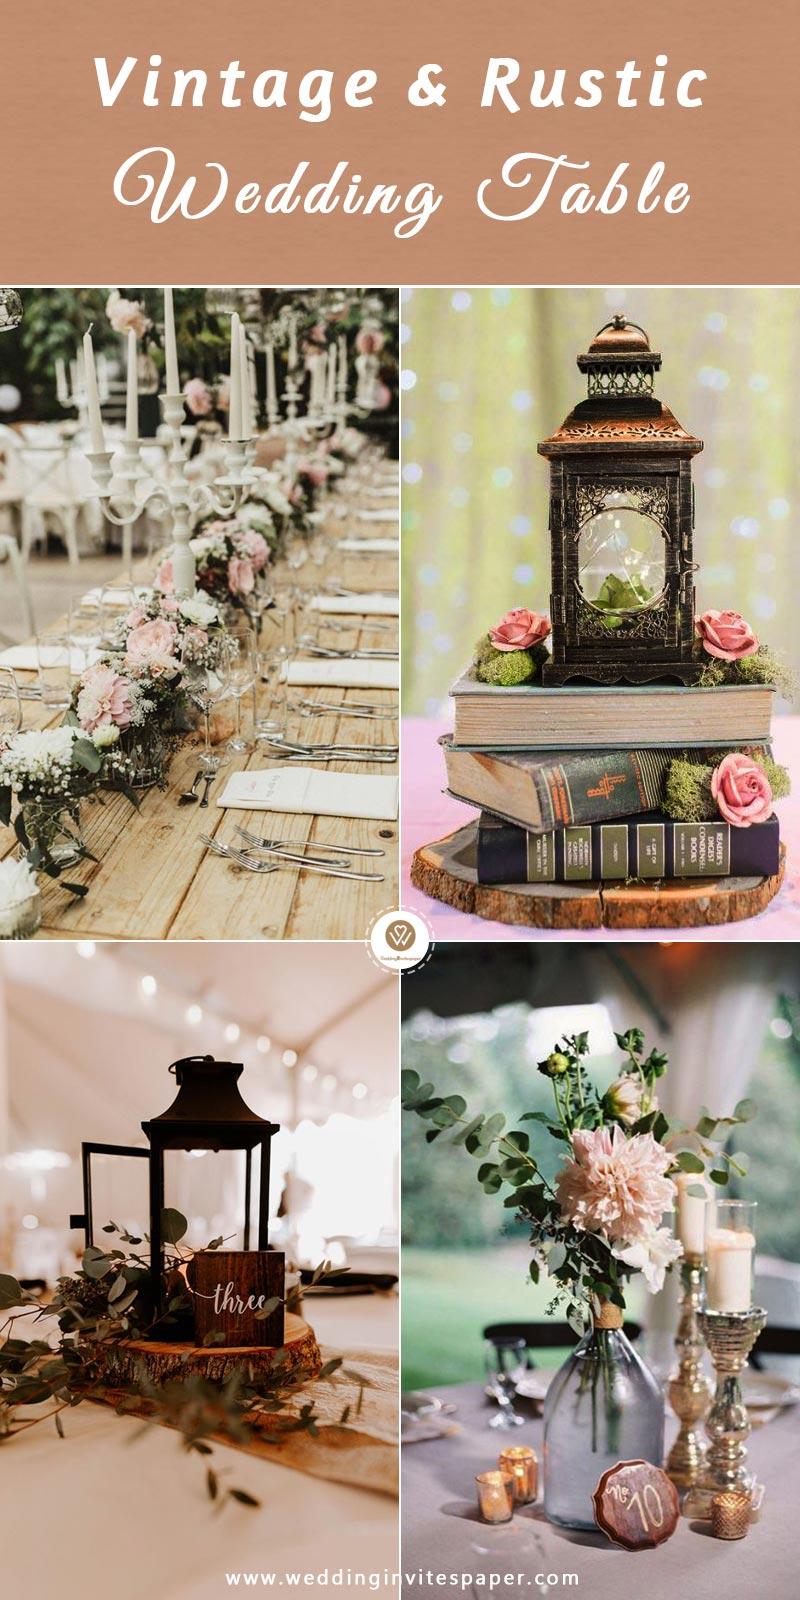 Vintage-&-Rustic-Wedding-Table.jpg